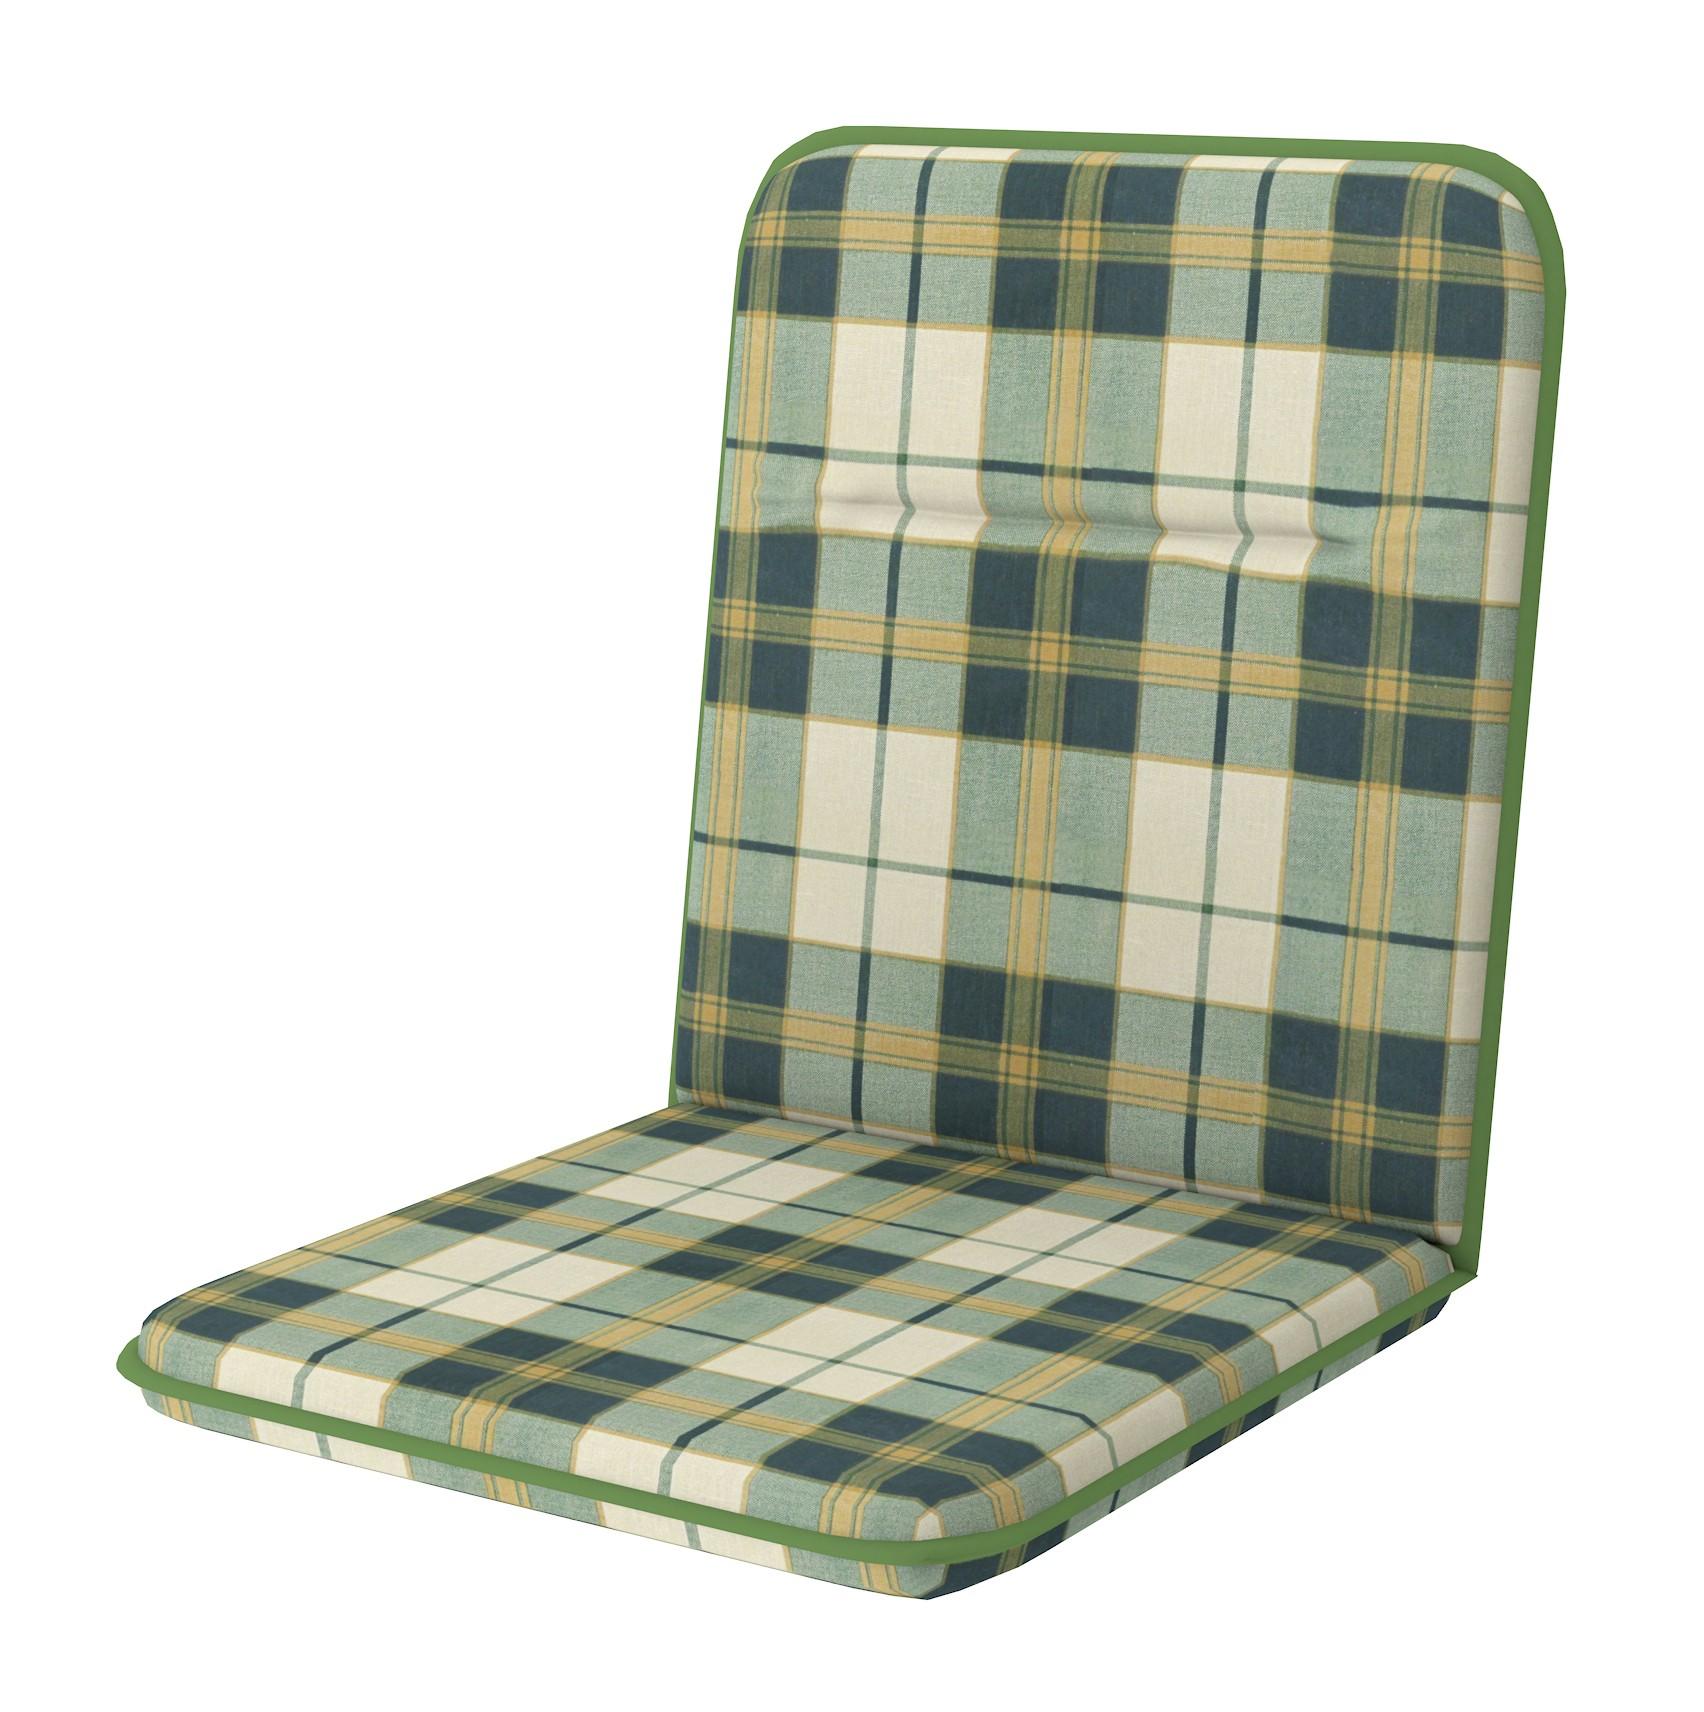 polster auflage f r gartenm bel gartensessel nl des. Black Bedroom Furniture Sets. Home Design Ideas